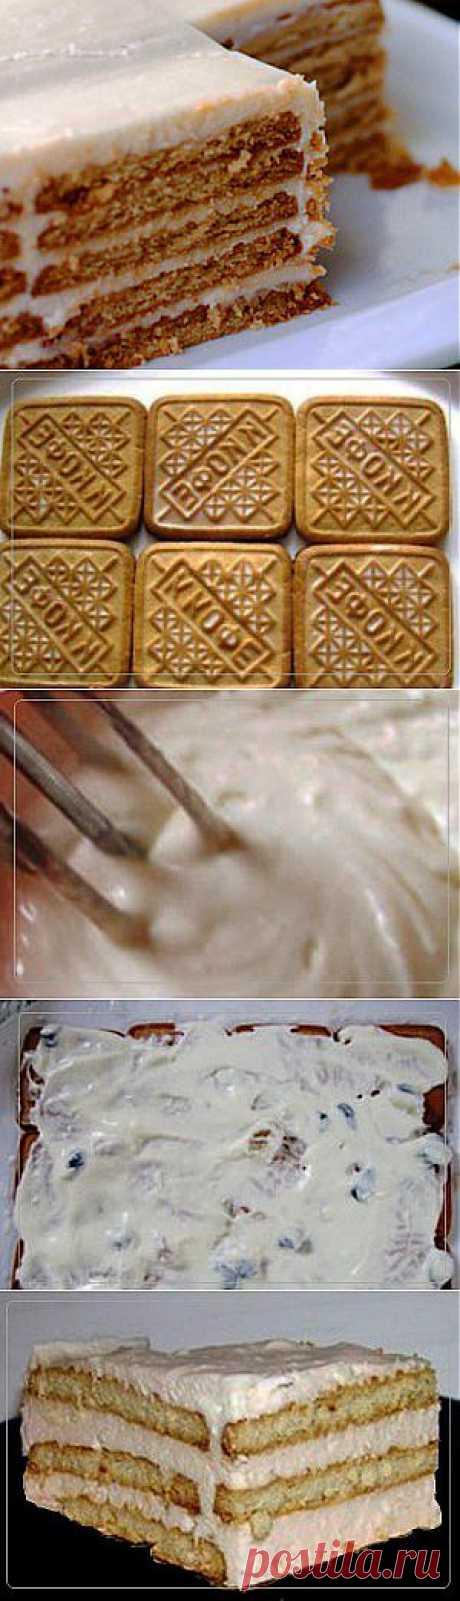 Торт из печенья   Рецепты вкусно